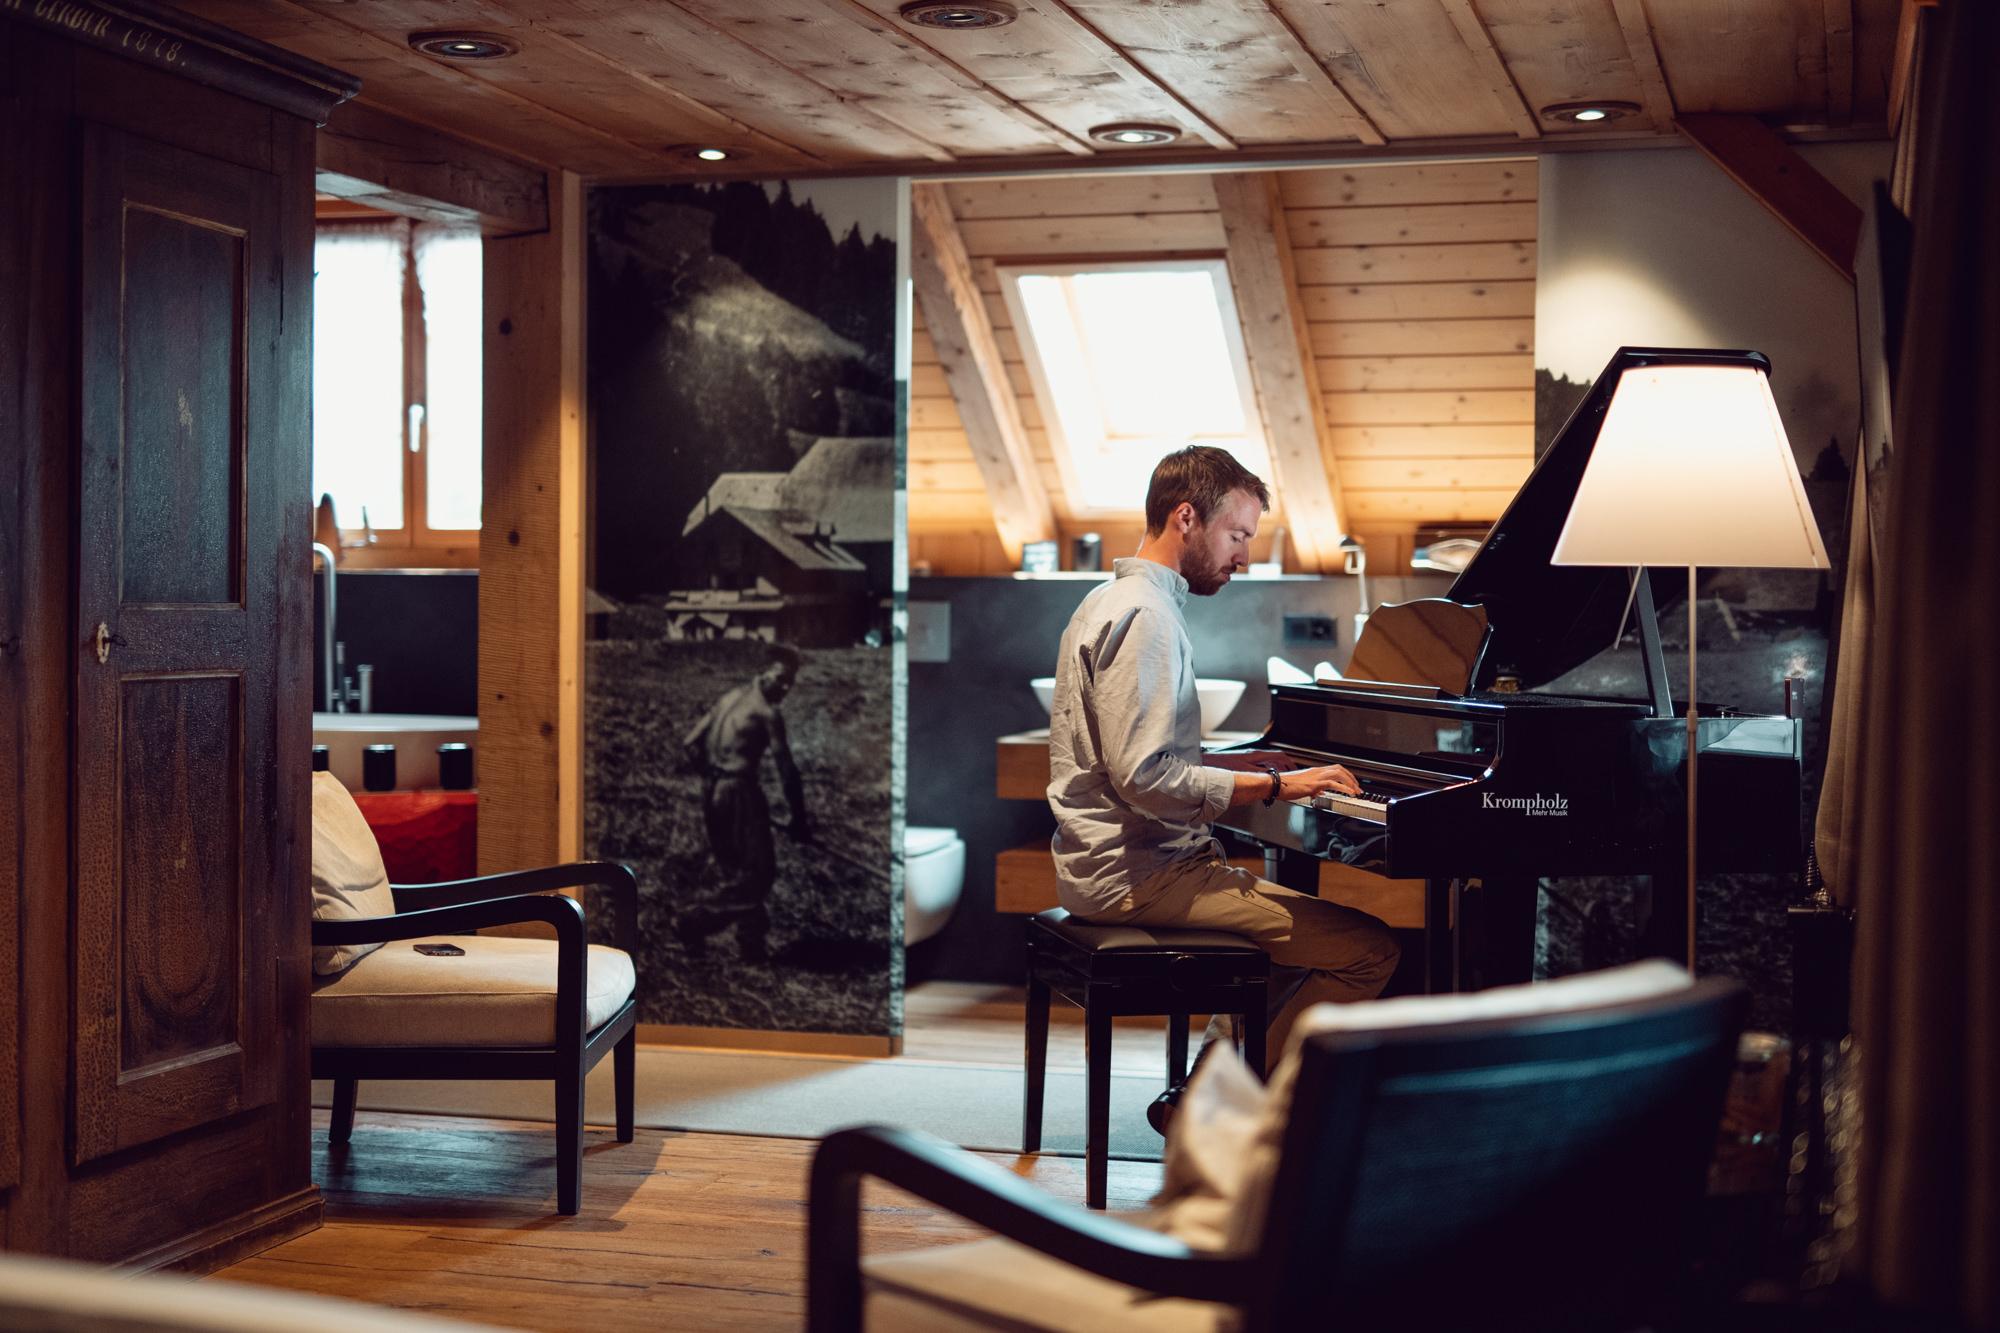 hotellerie_suisse21.jpg